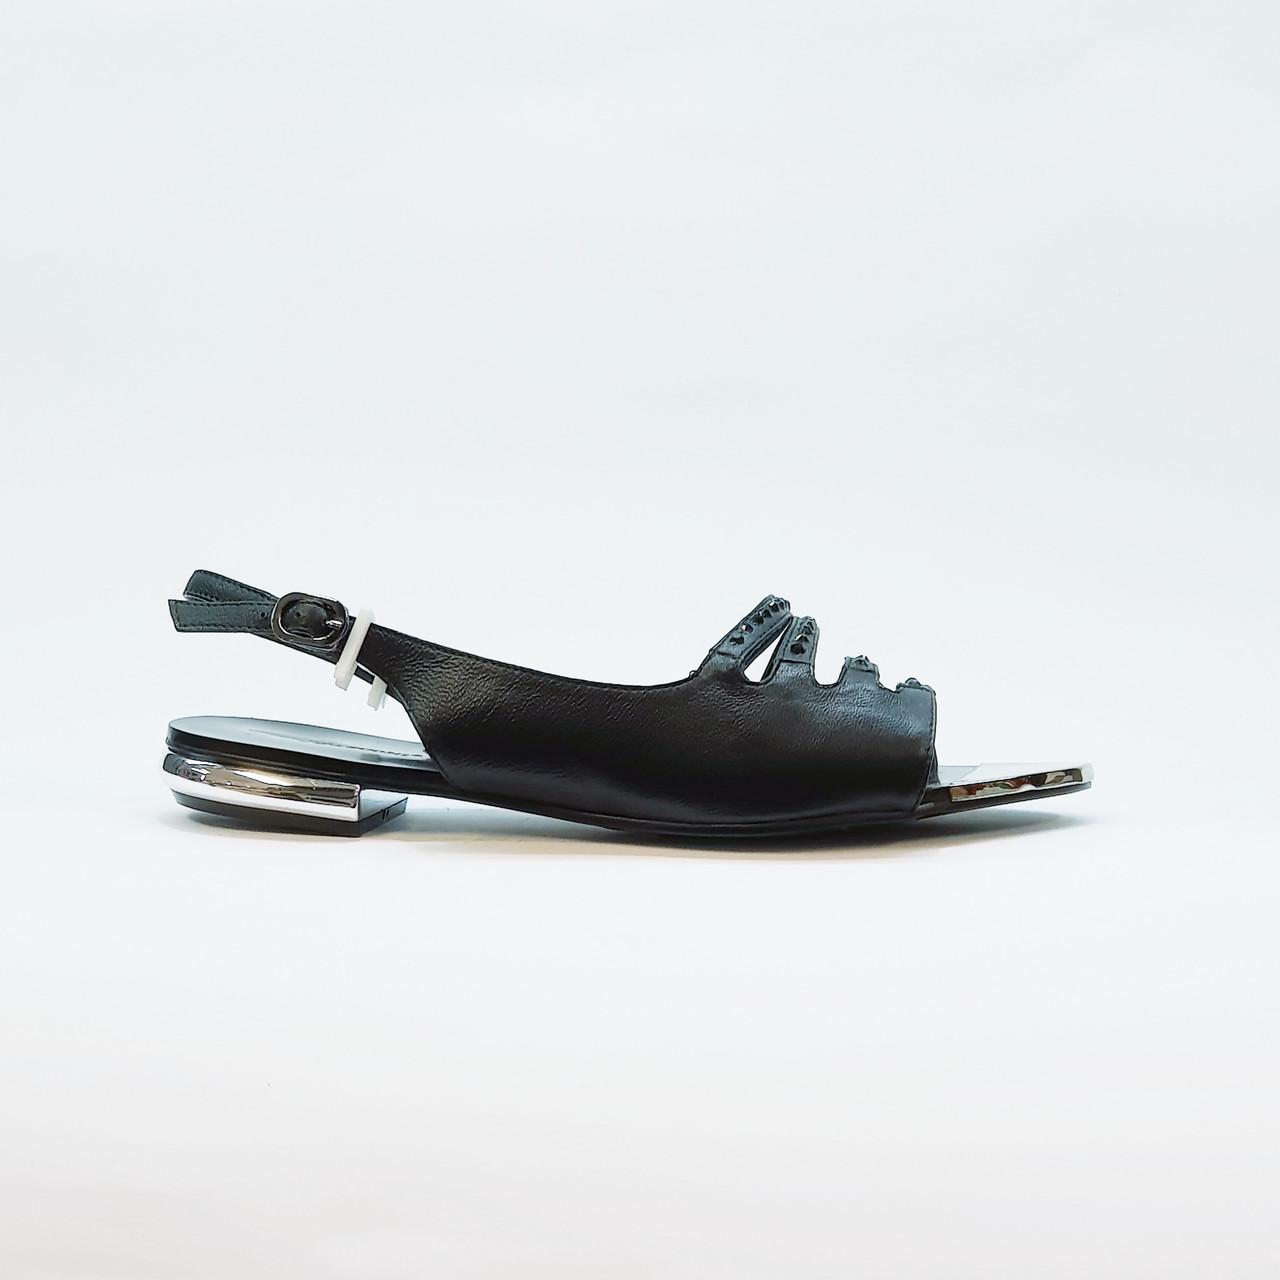 Босоножки женские черные натуральная кожа на низком каблуке